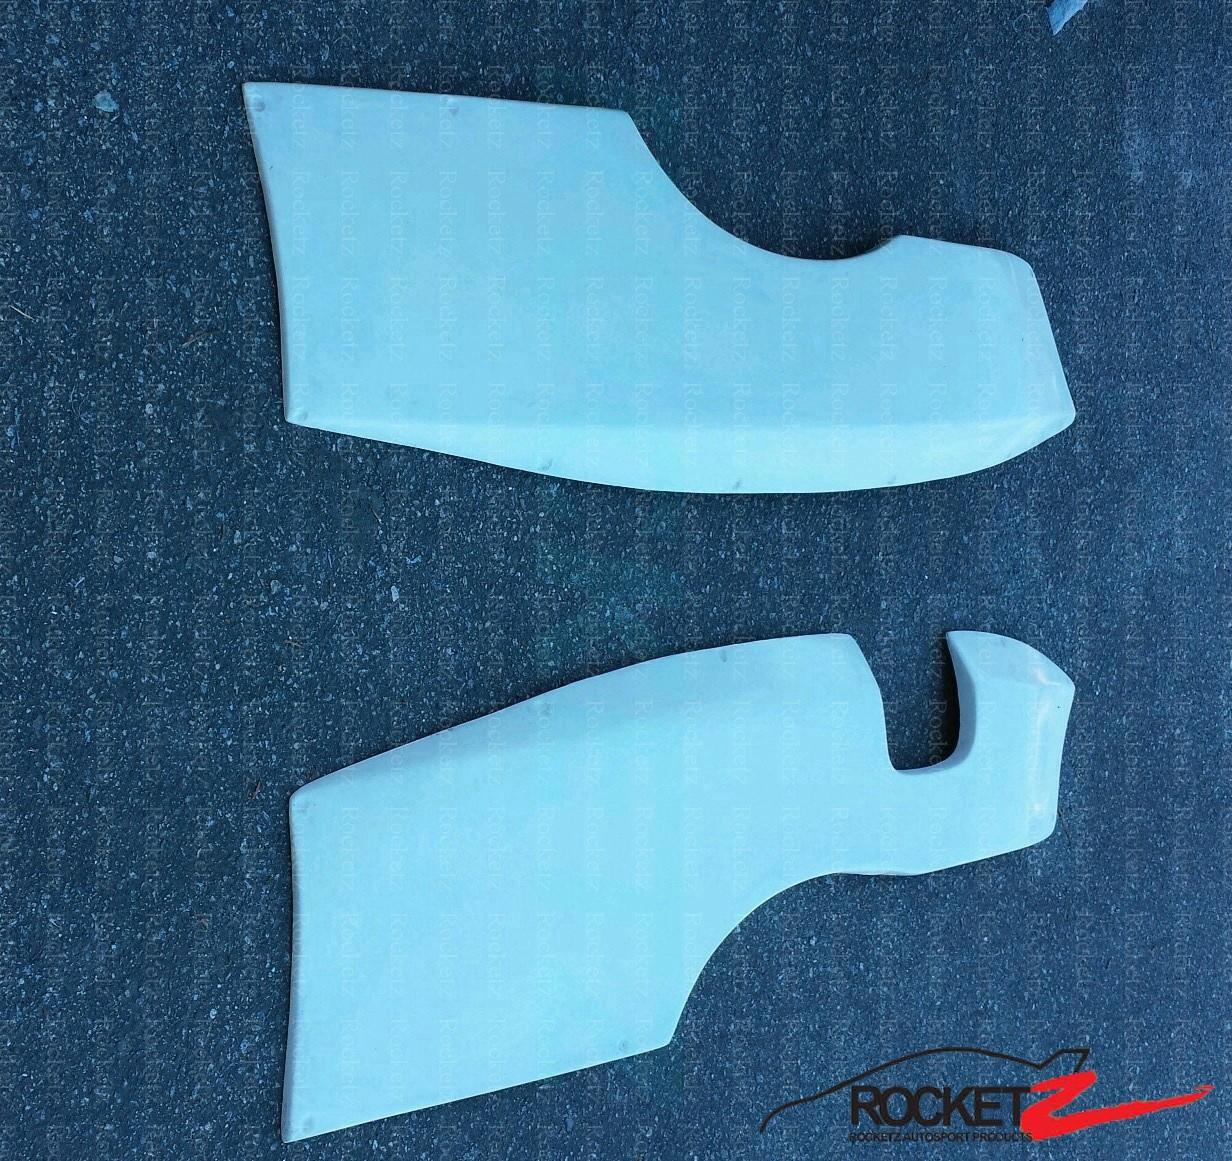 94-01 Acura Integra JDM Wide Body Rear Over Fenders Body